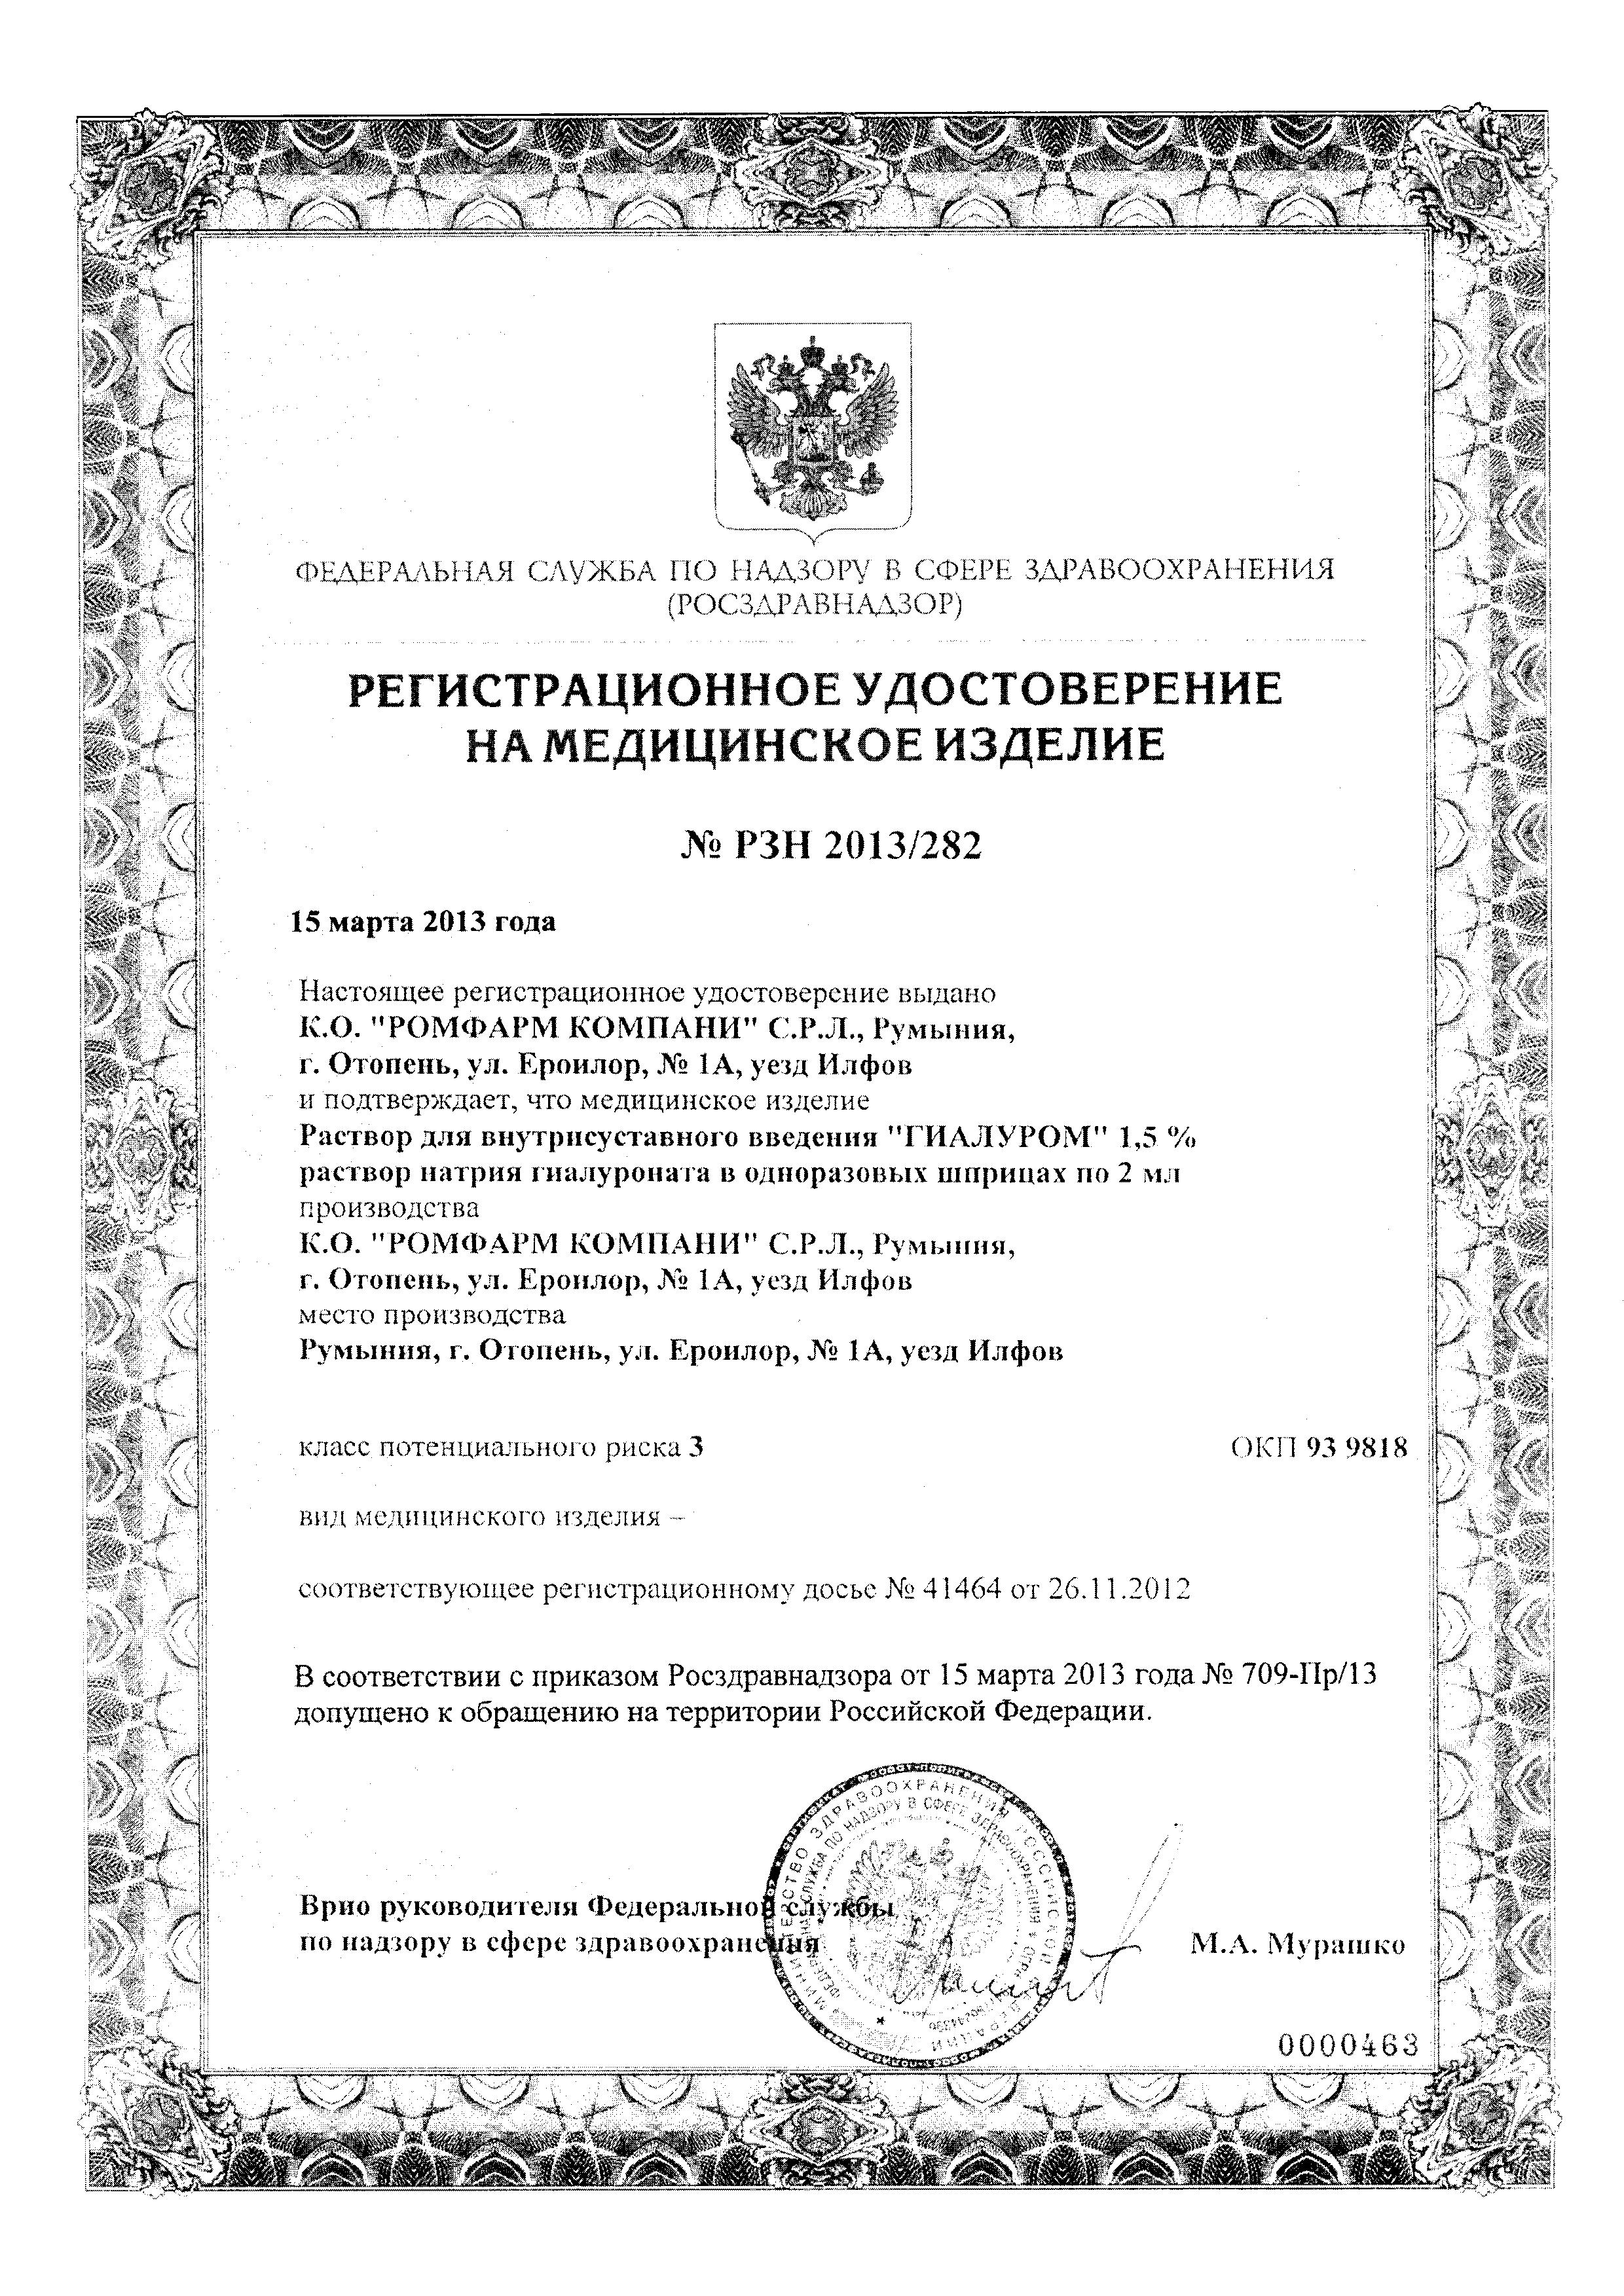 Гиалуром сертификат